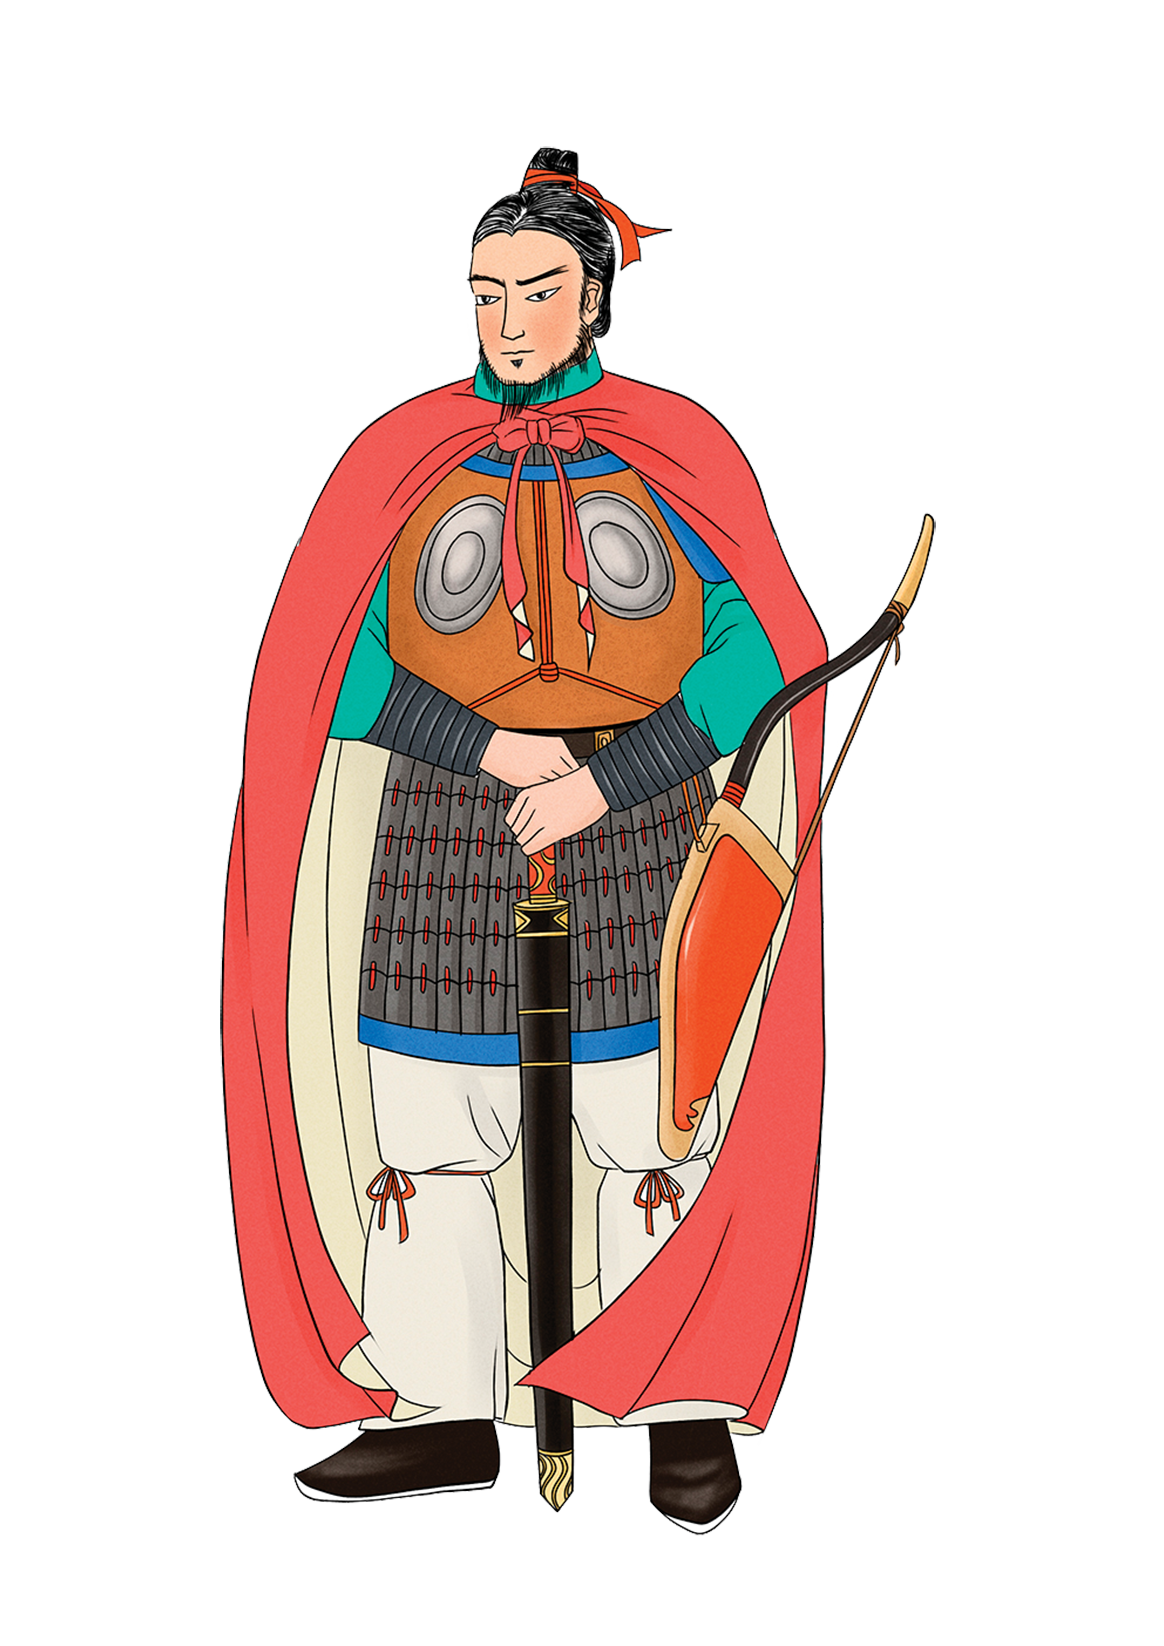 楊玄感軍攻打東都洛陽,遭守軍奮力抵抗。隋煬帝和大將來護兒得到楊玄感叛亂的消息後率軍返回。